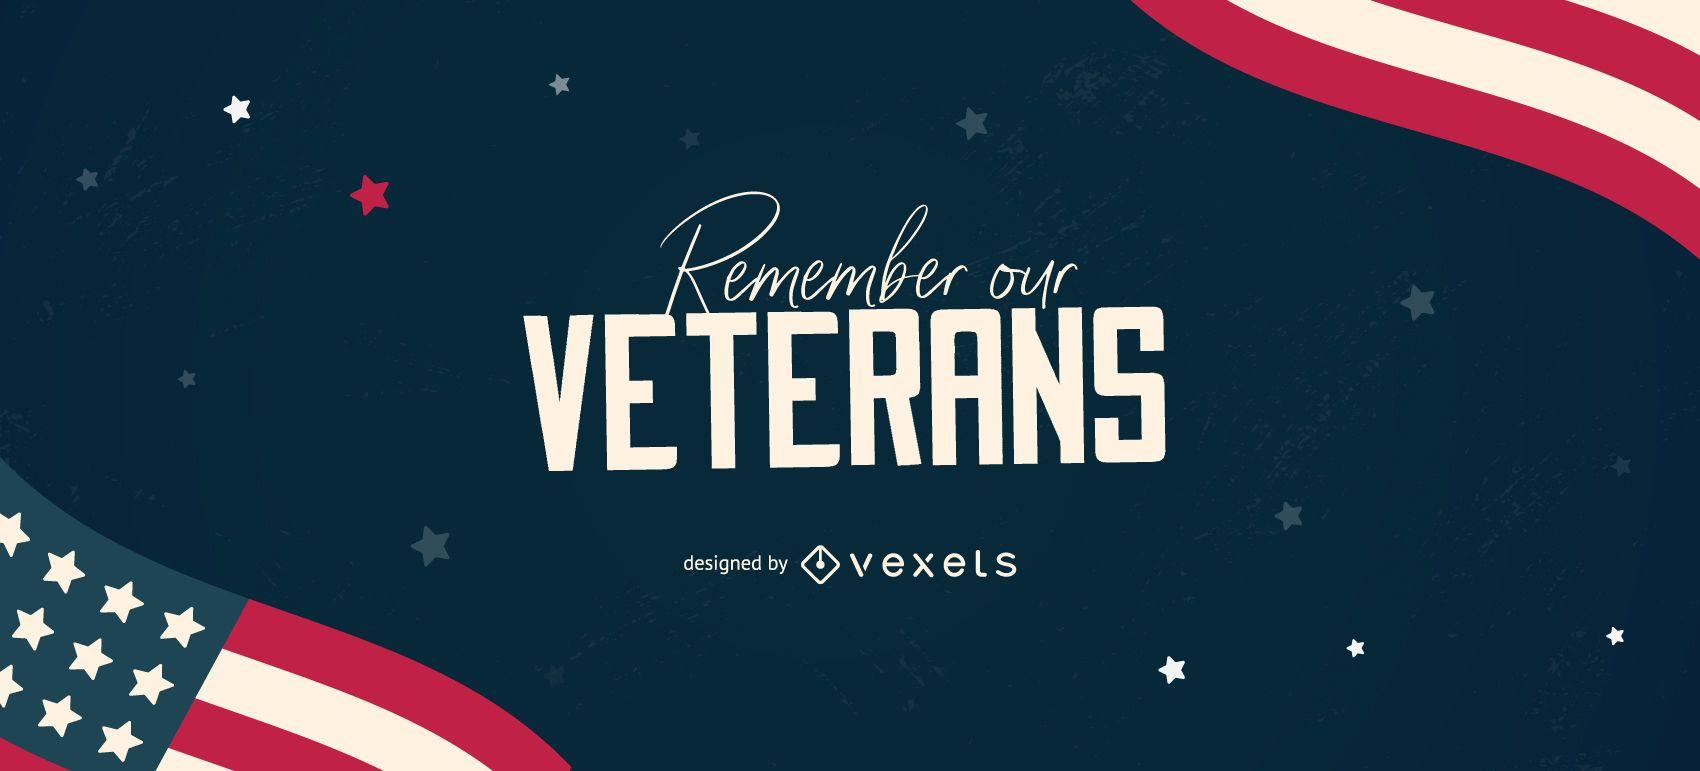 Veterans editable slider design